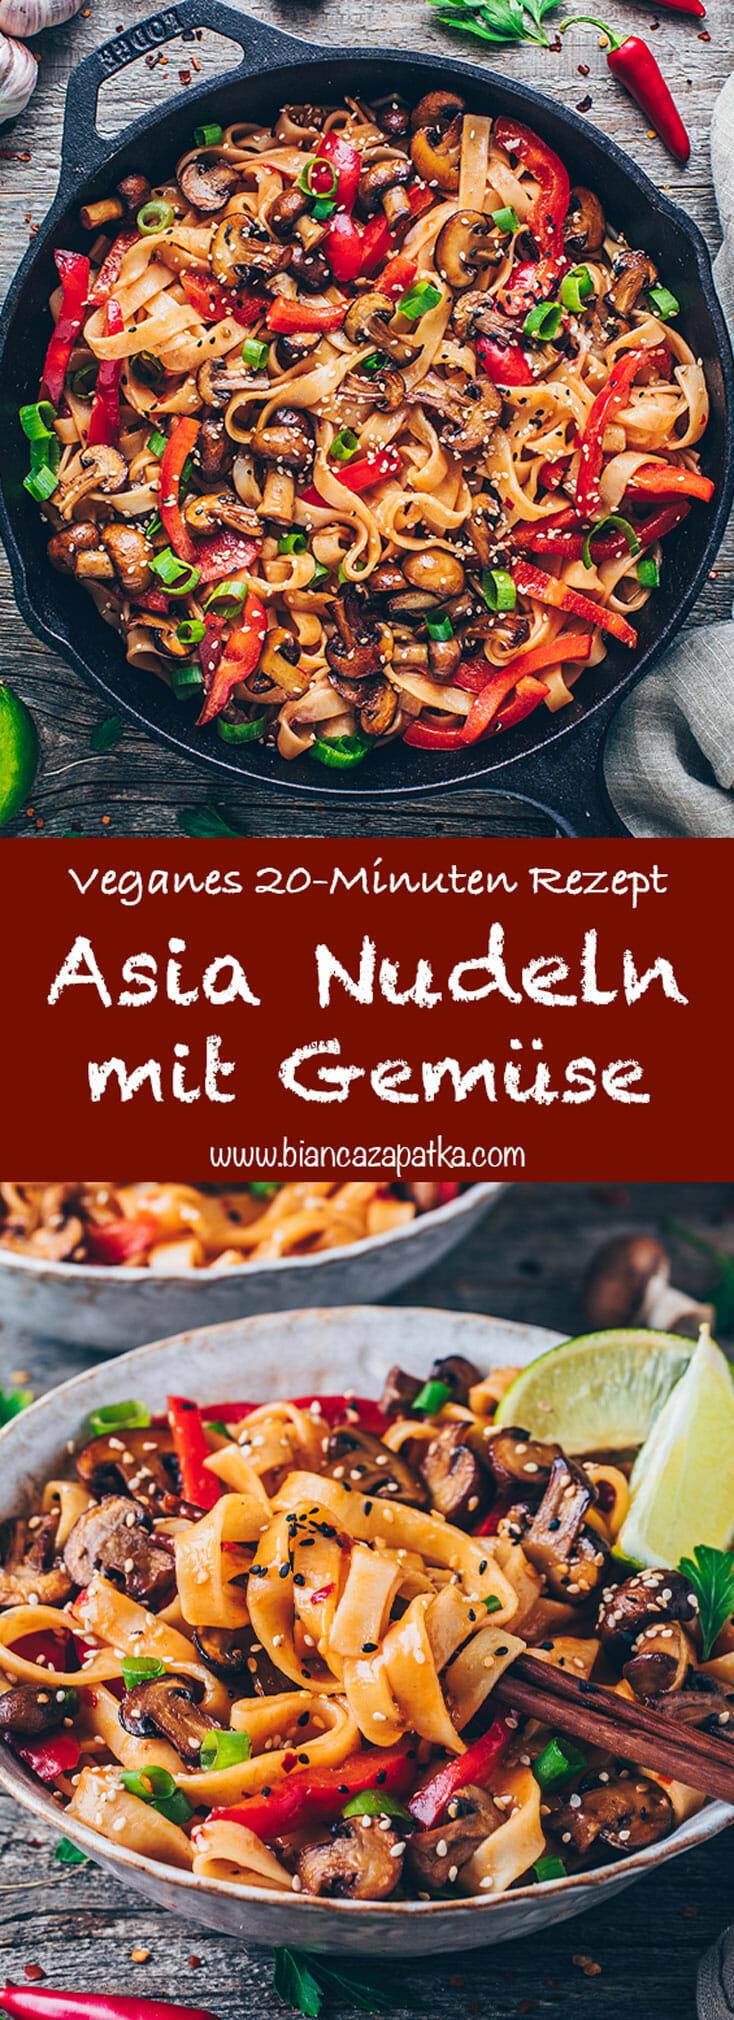 Asiatische Nudeln - Asia Thai Gemüse-Nudelpfanne mit Pilzen, Paprika, Kokosmilch, Chili, Knoblauch und Frühlingszwiebeln